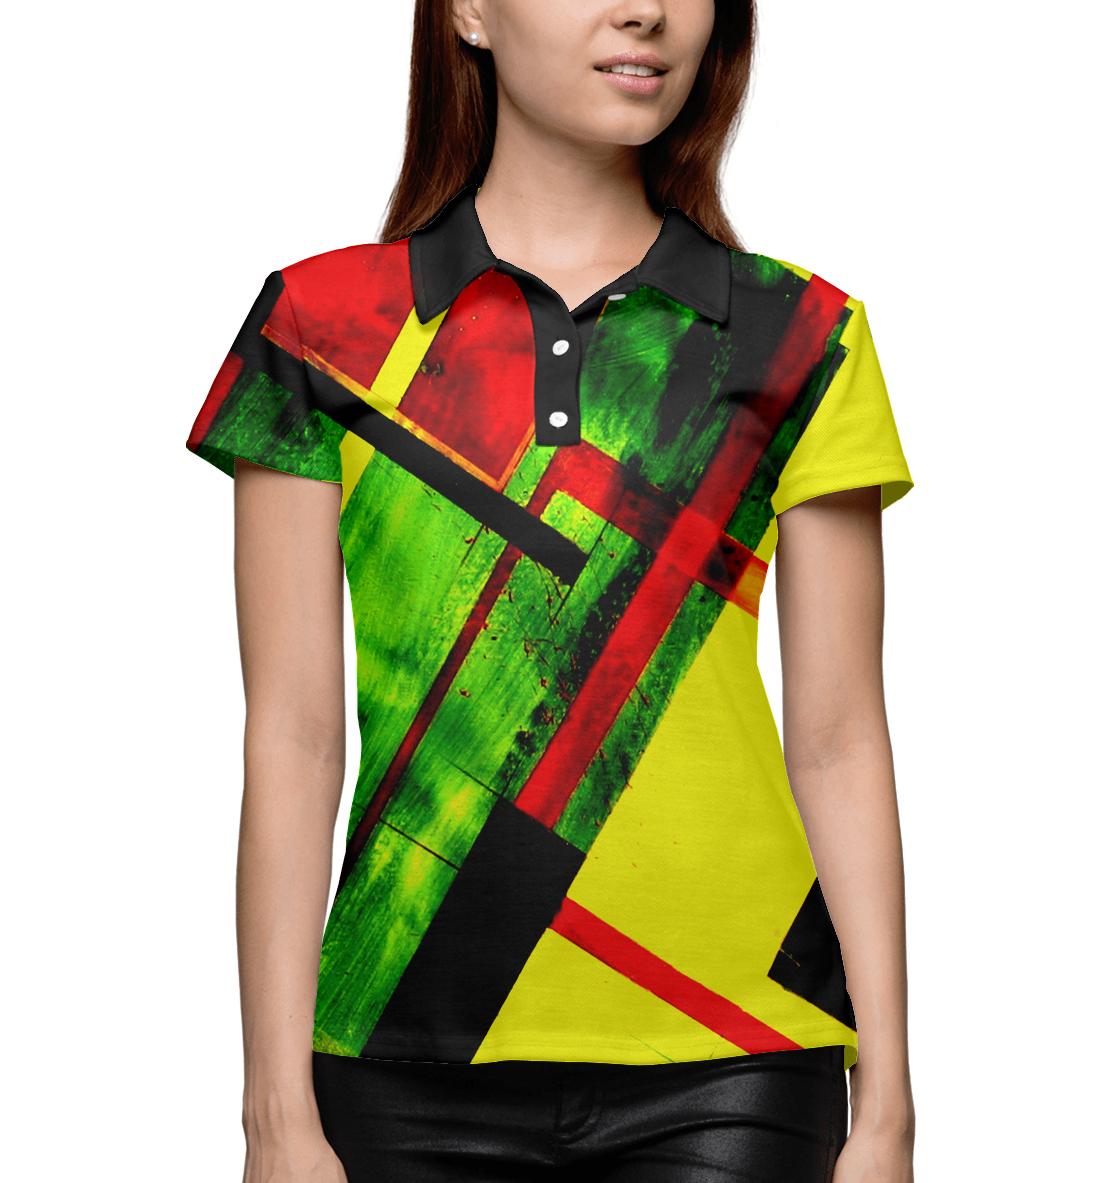 Купить Цветная геометрия, Printbar, Поло, GEO-170619-pol-1